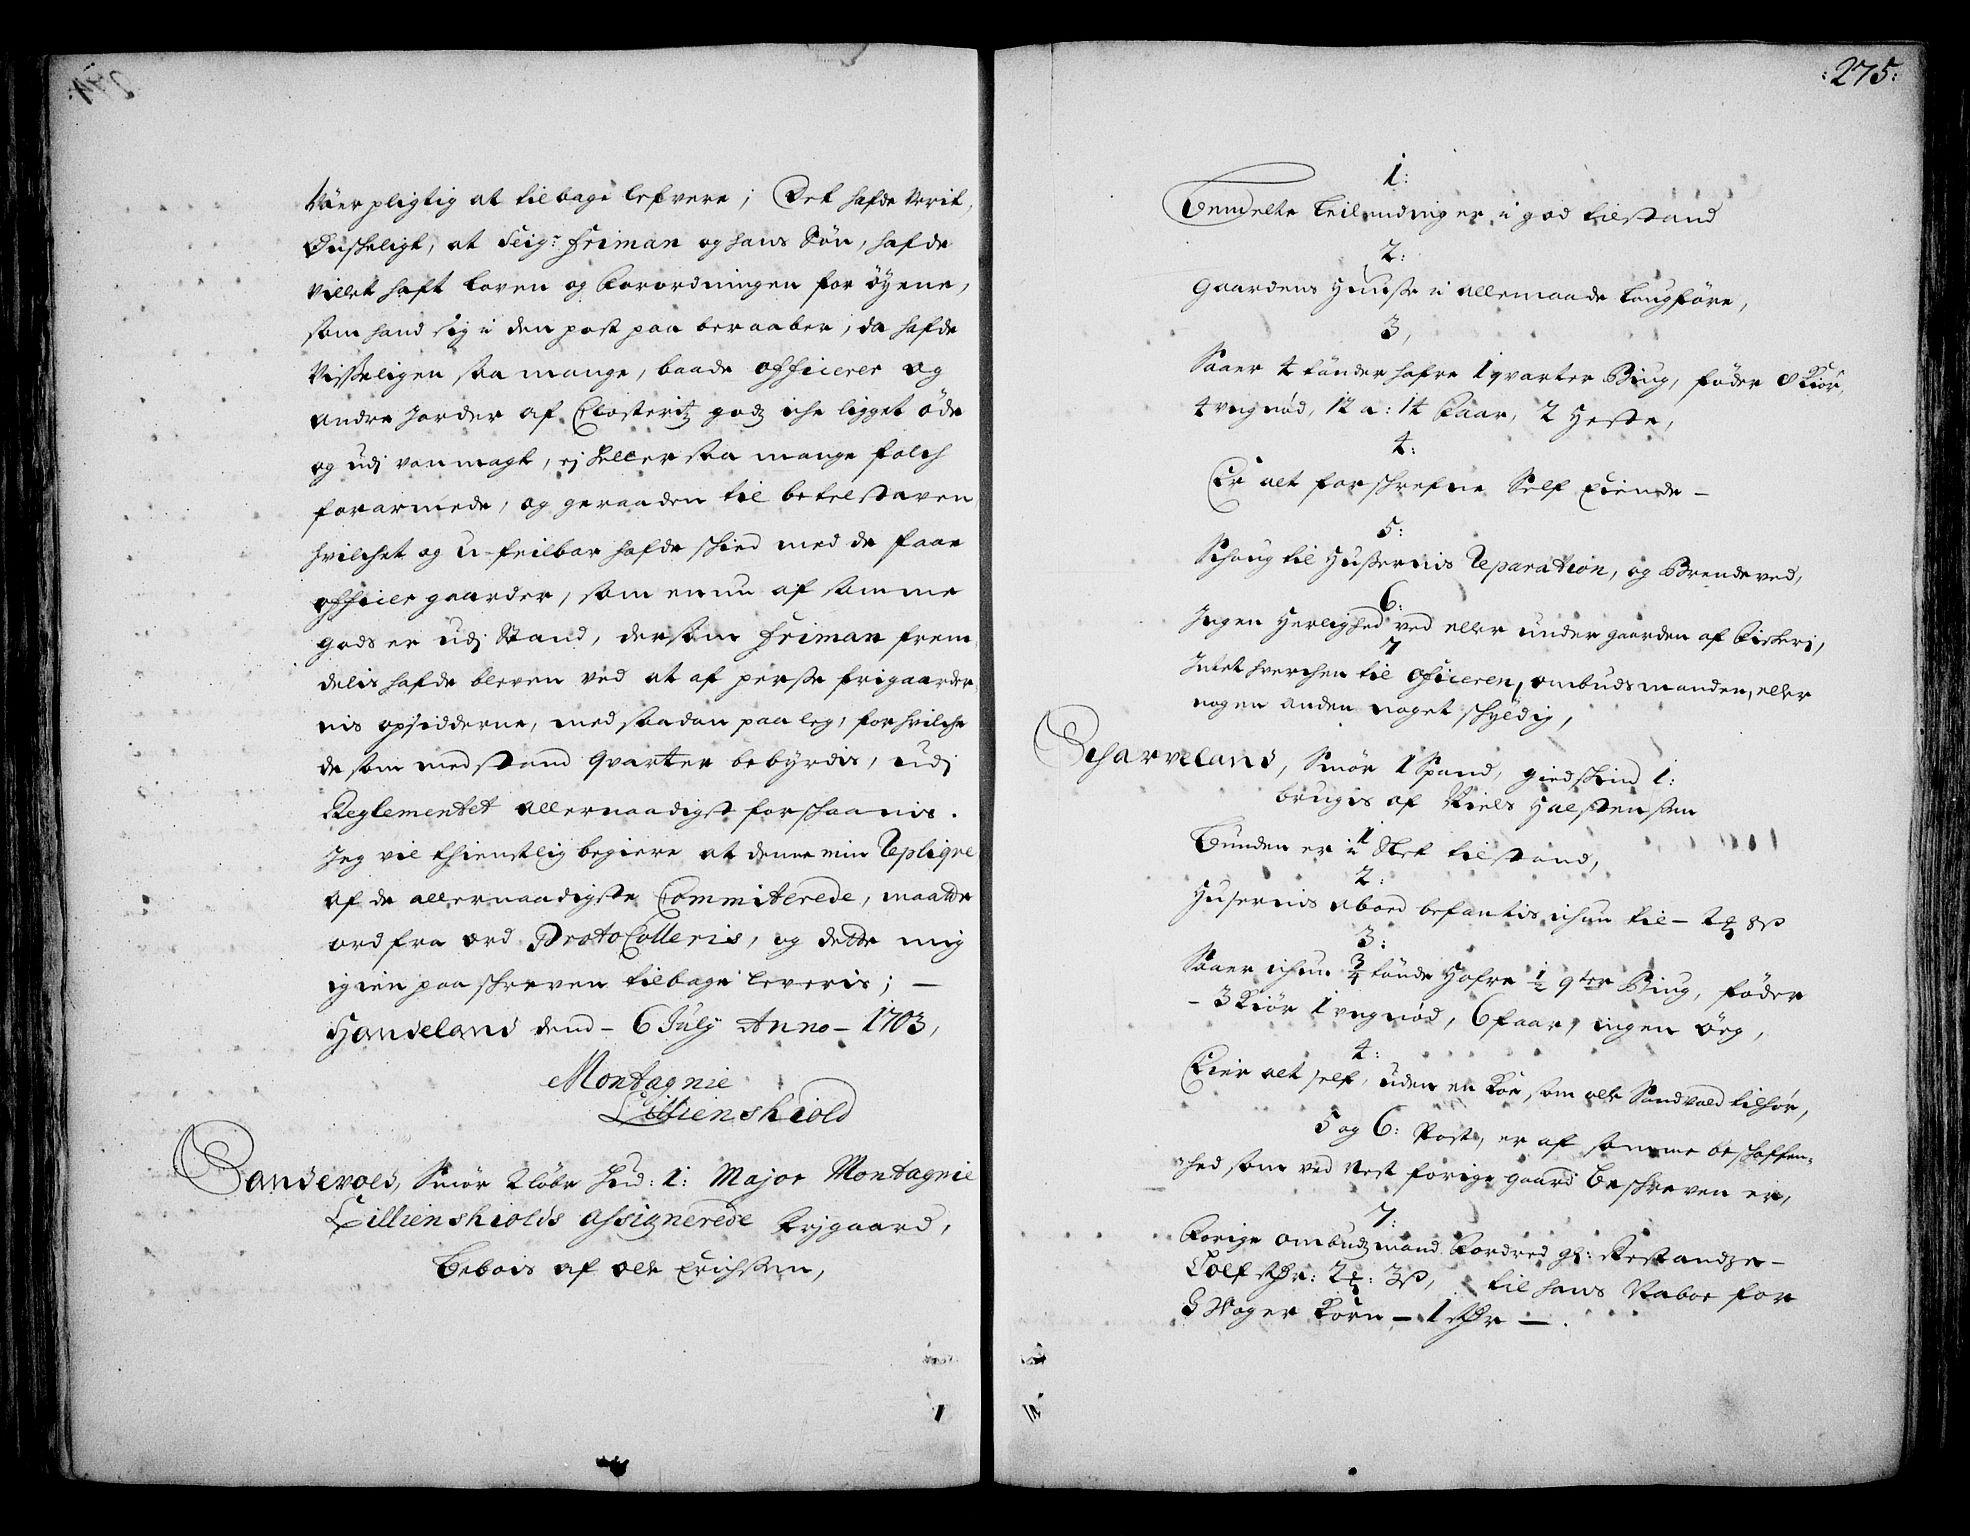 RA, Rentekammeret inntil 1814, Realistisk ordnet avdeling, On/L0002: [Jj 3]: Besiktigelsesforretninger over Halsnøy klosters gods, 1659-1703, s. 274b-275a